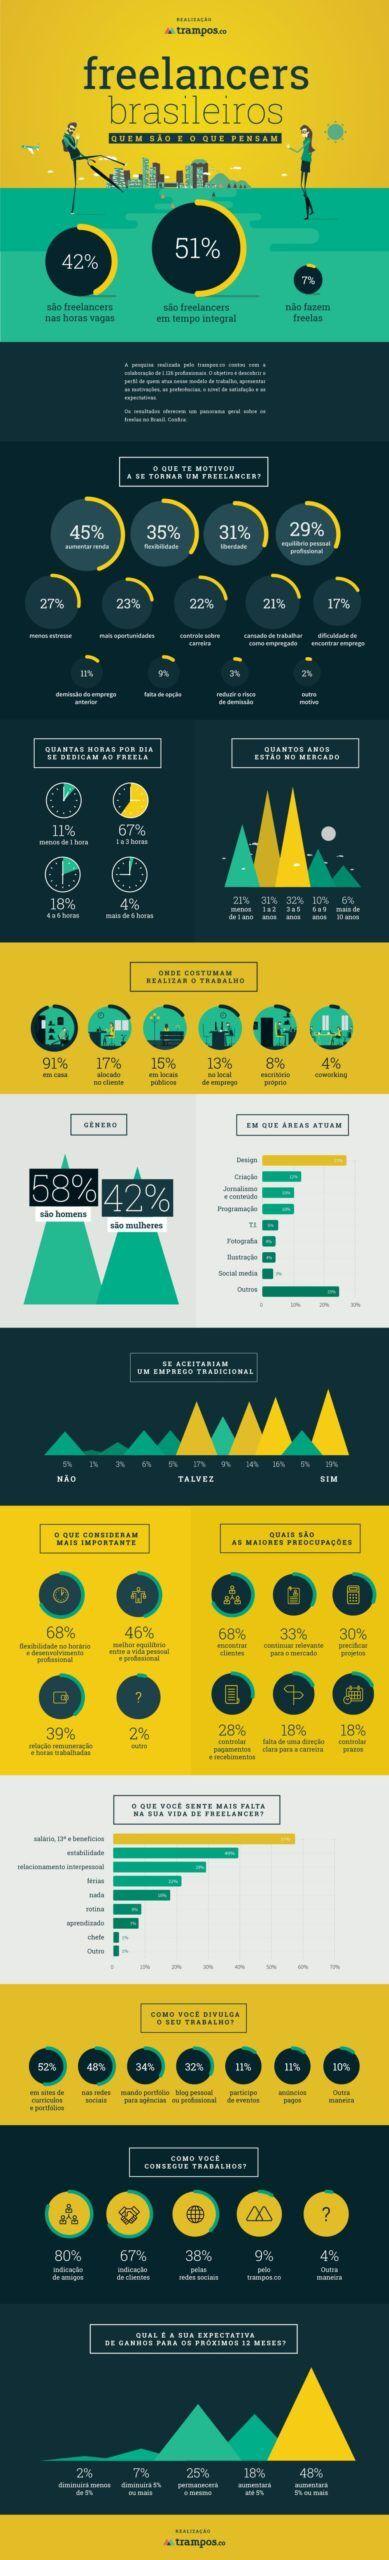 infográfico com informações sobre perfil do freelancer brasileiro